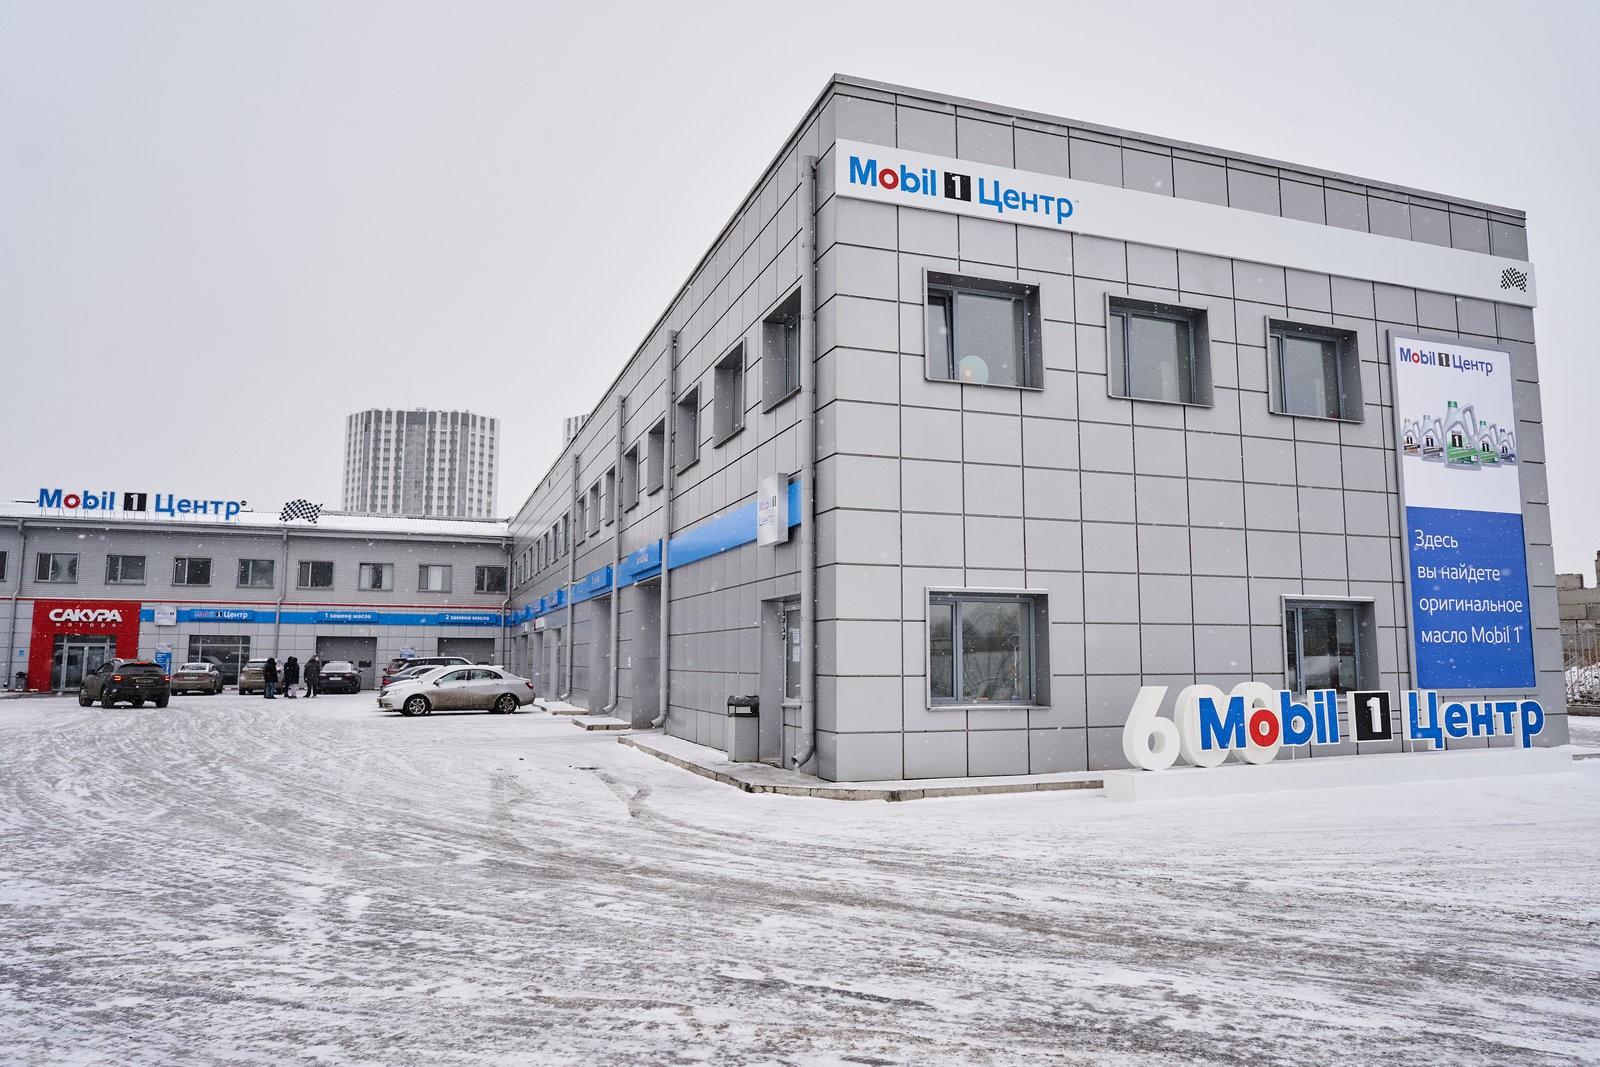 За 9 лет – 600 станций: юбилейный Mobil 1 Центр℠ открыли в Красноярске